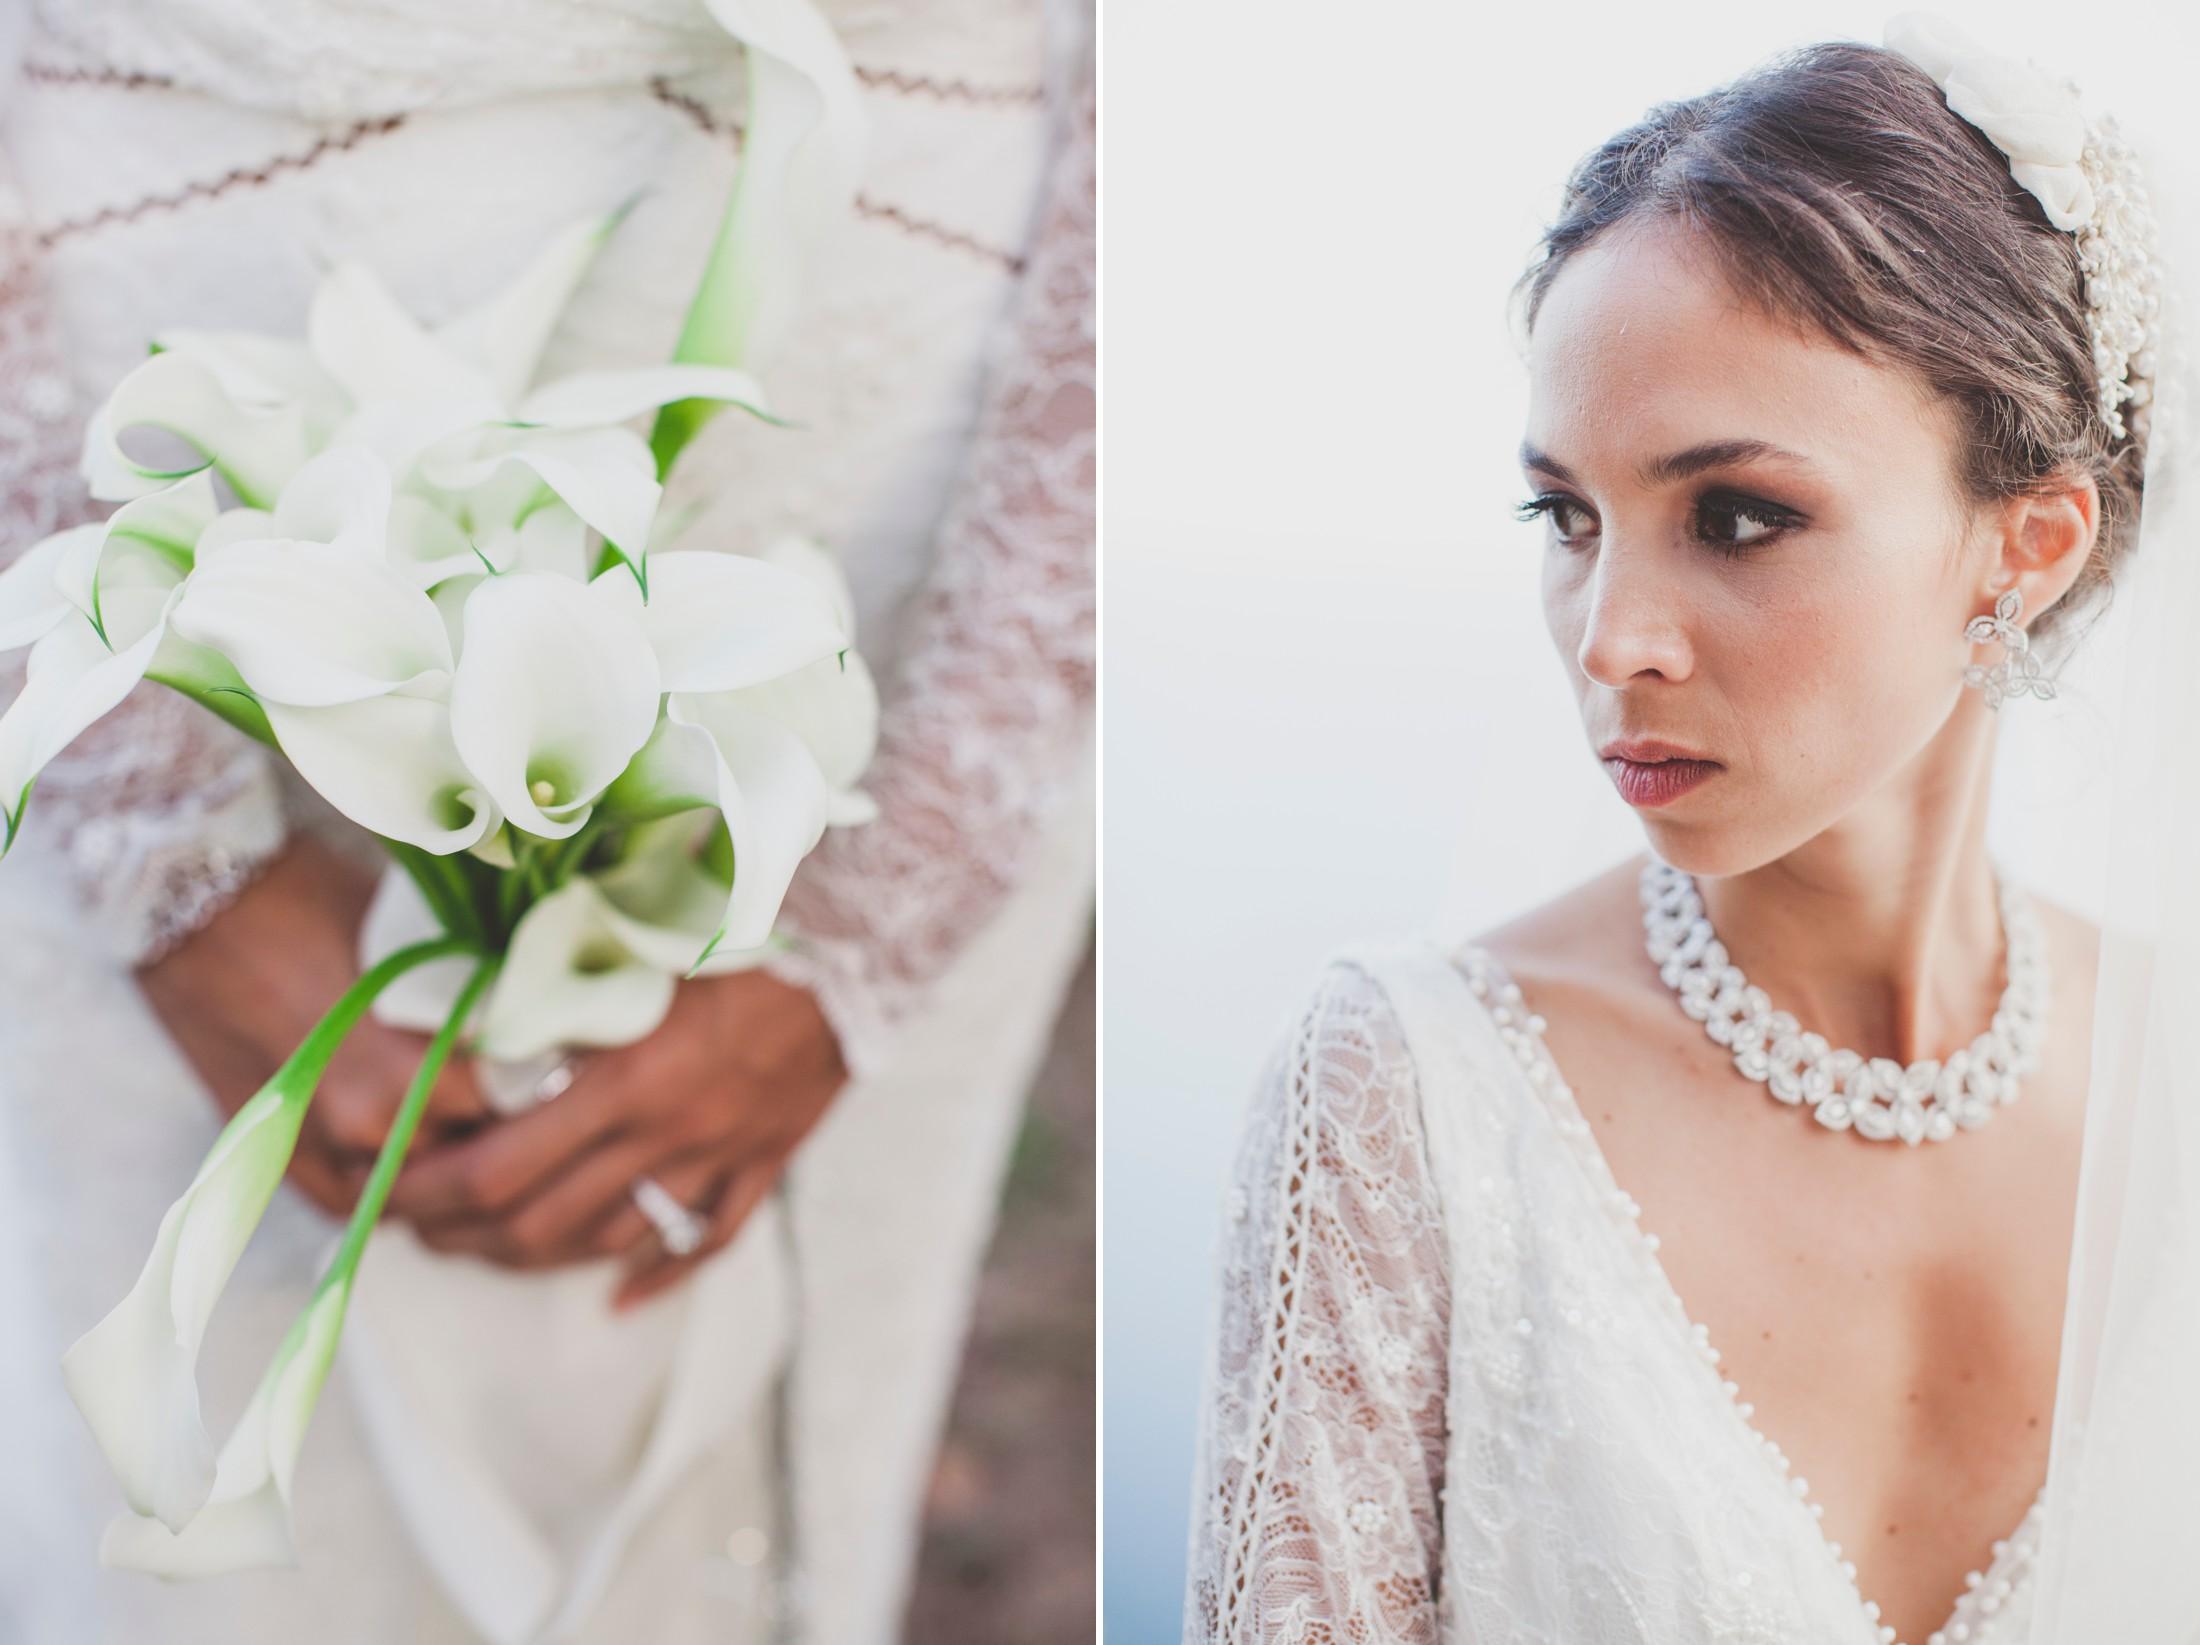 collage bride's portrait and wedding bouquet detail